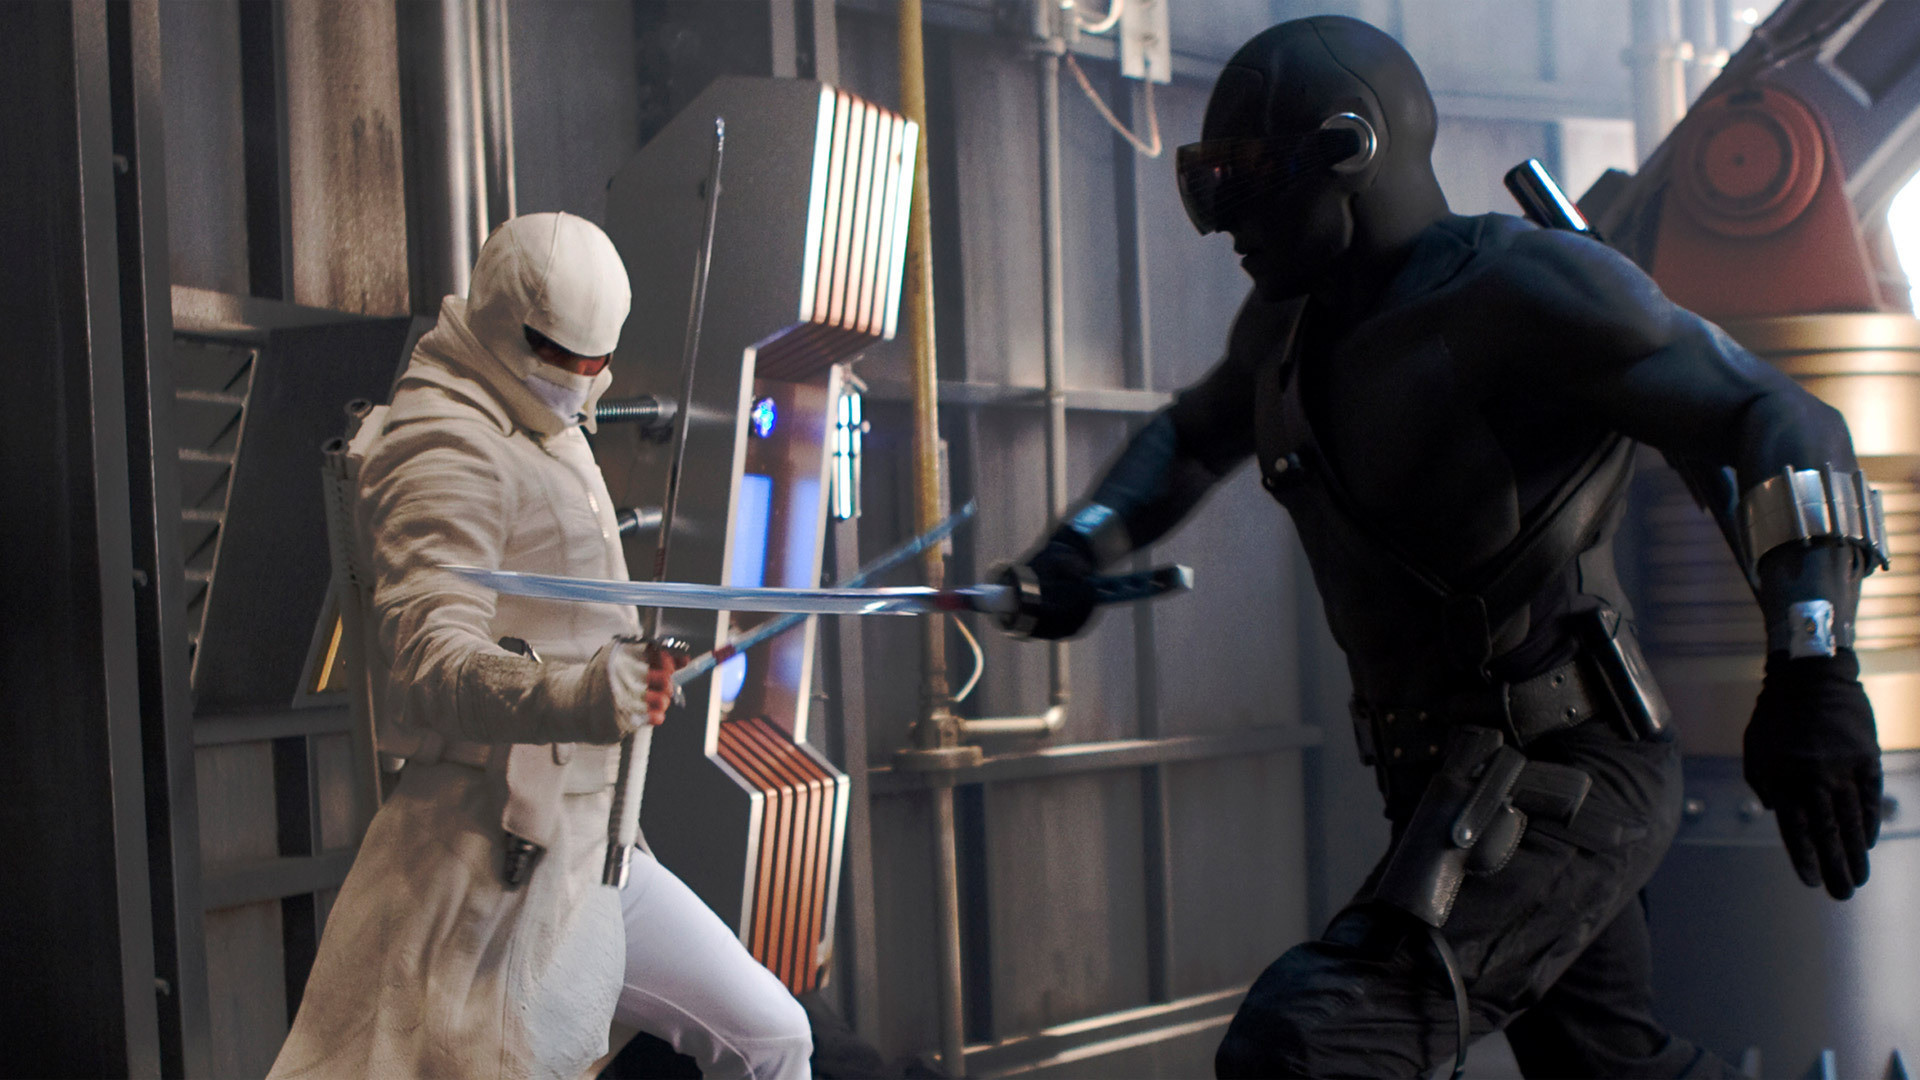 Res: 1920x1080, G.I. Joe: The Rise of Cobra (2009) Storm Shadow vs Snake Eyes HD. Â«Â«